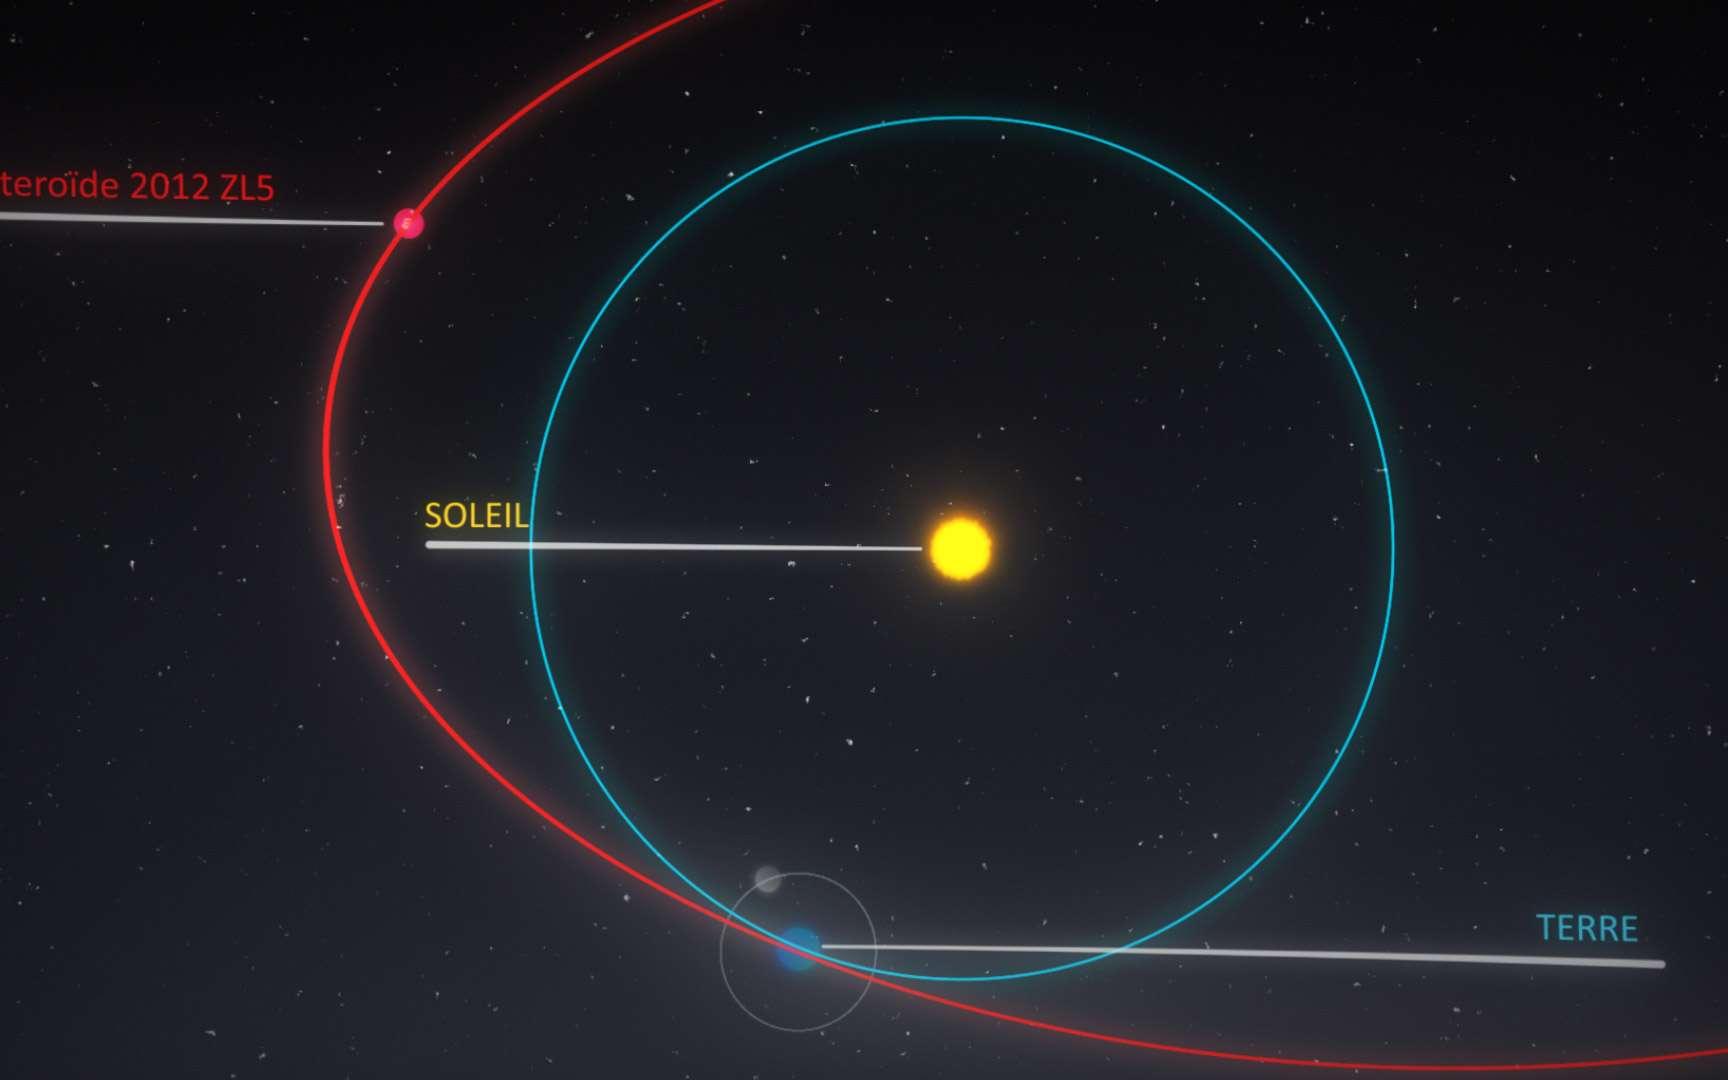 Pour les scientifiques, il ne fait guère de doute que la Terre sera confrontée à la chute d'un astéroïde dévastateur dans les 10.000 années à venir. L'Union européenne vient de lancer le programme NEO-Shield qui vise à préparer une mission de démonstration d'une capacité de protection de la Terre contre les géocroiseurs. © Astrium